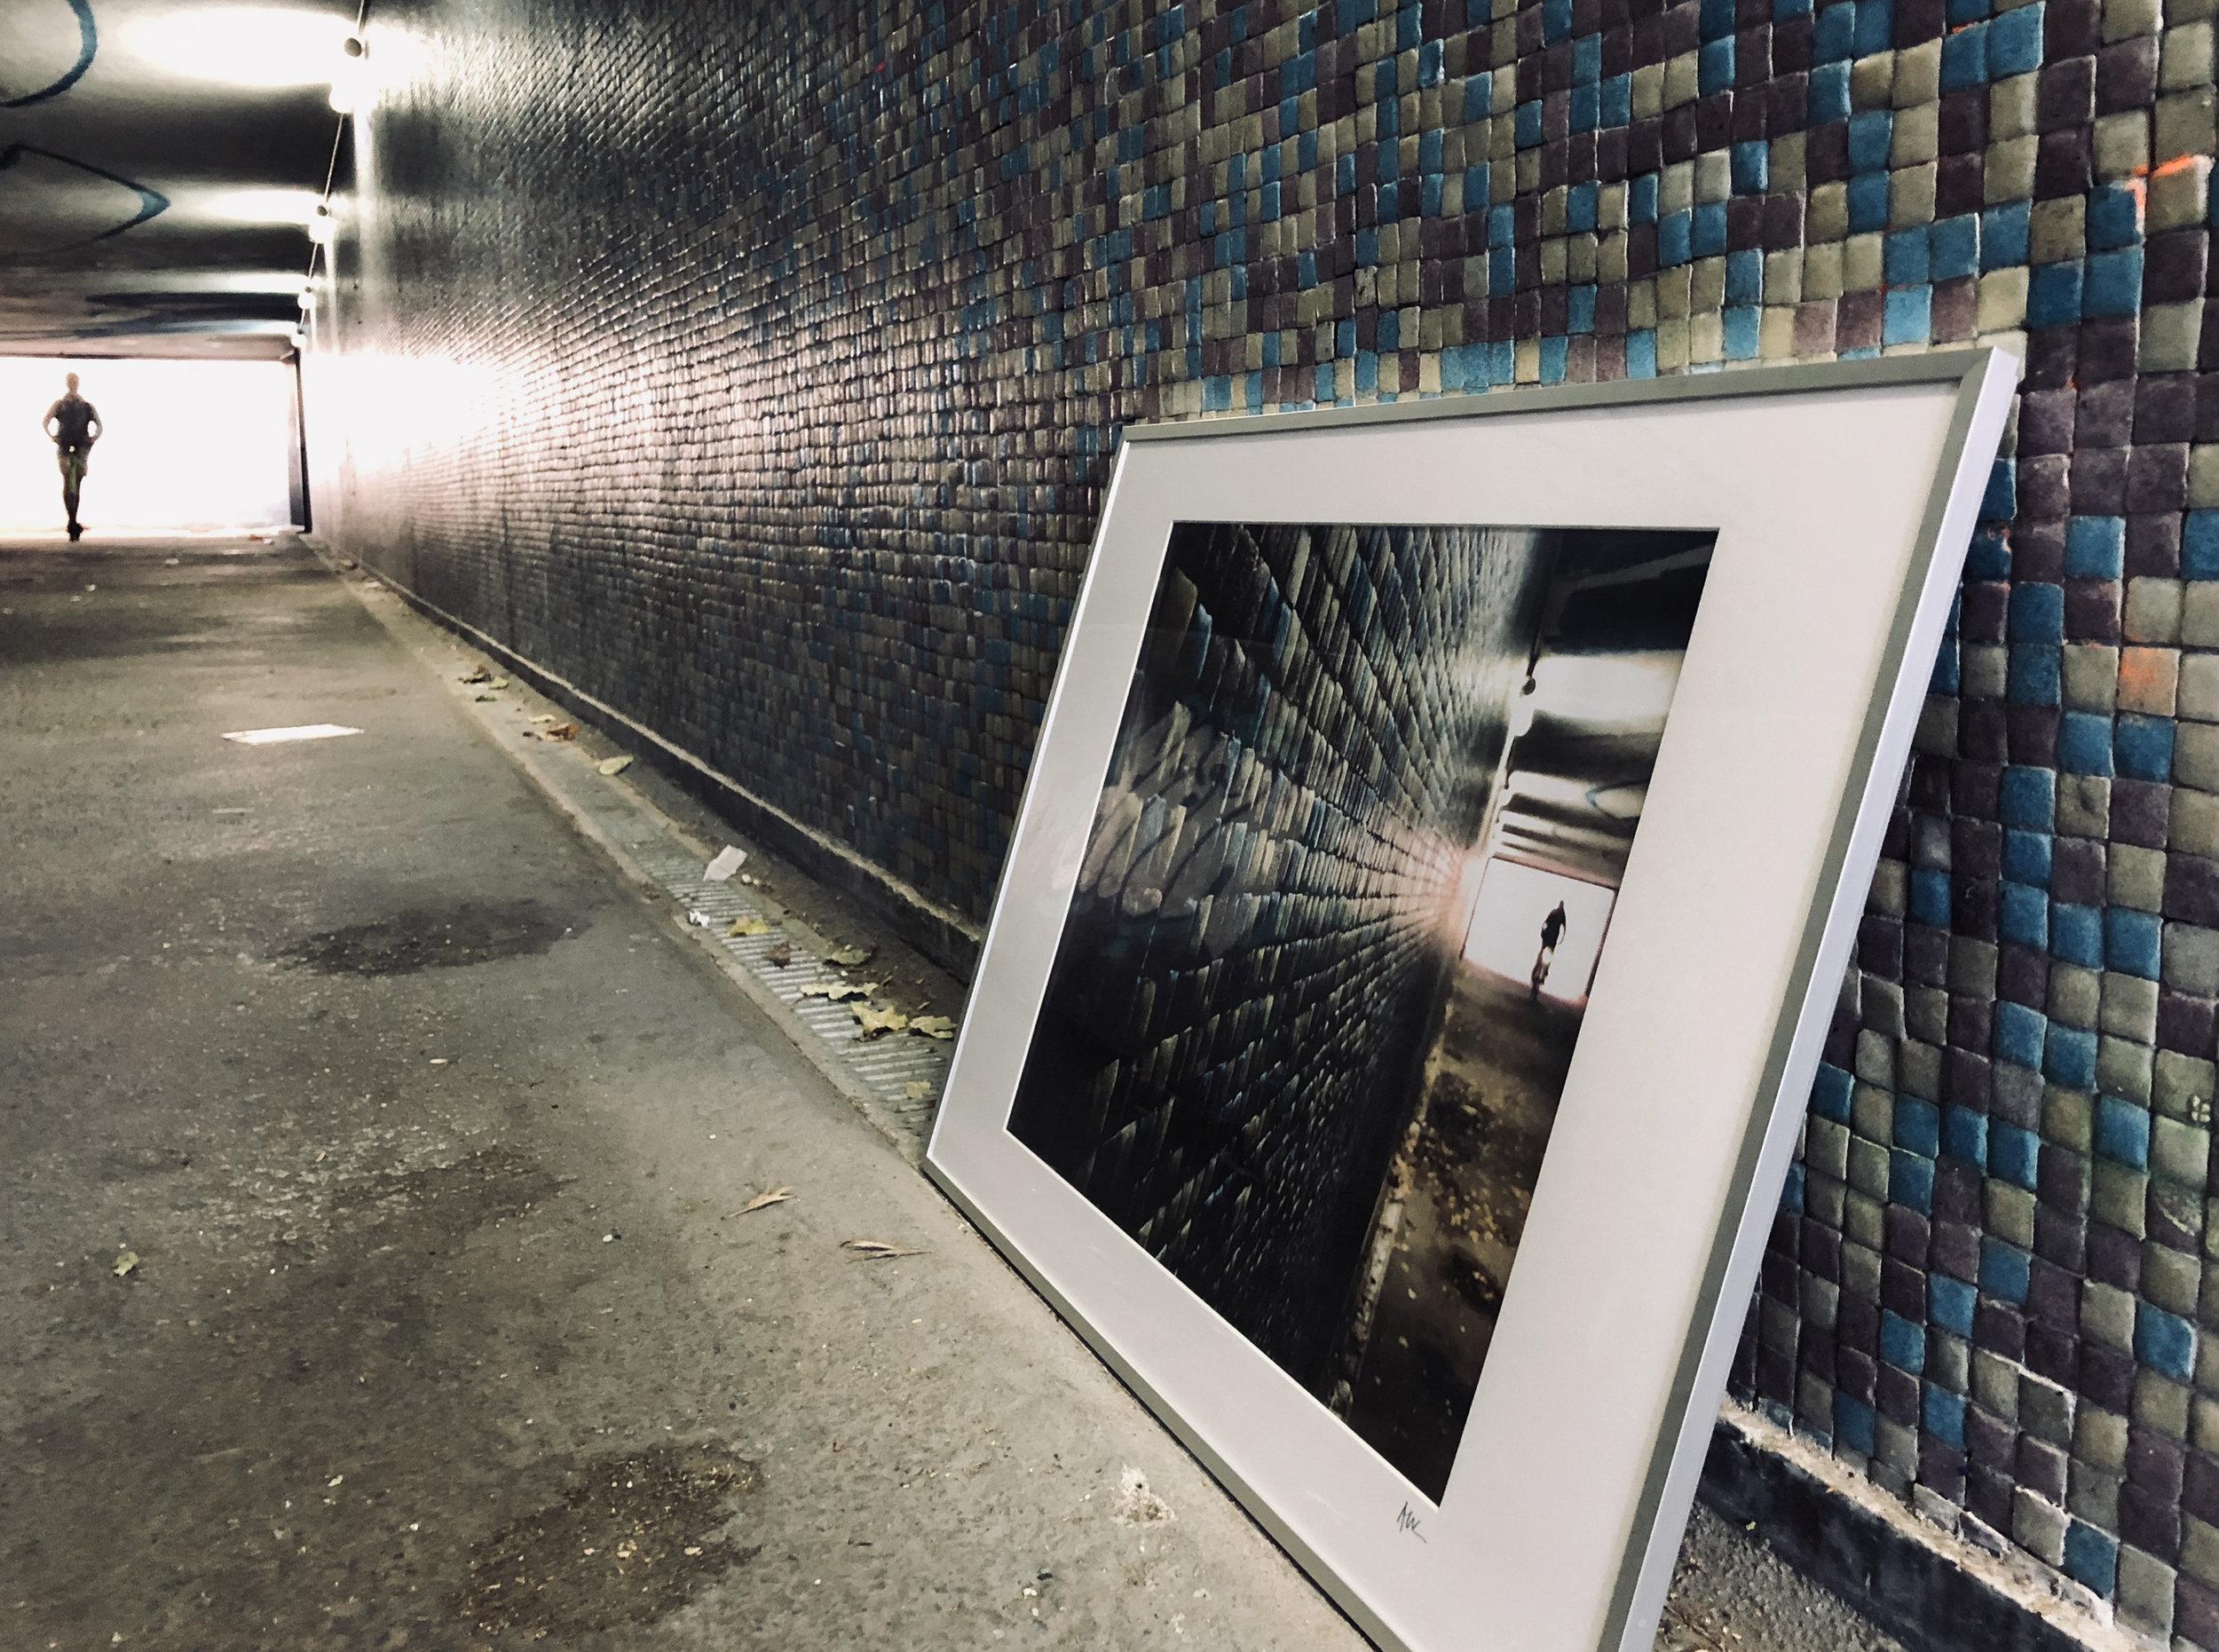 CARRASCO_art_gallery_ACR_walking_in_the_tunnel_of_DESOBJECTION.jpg